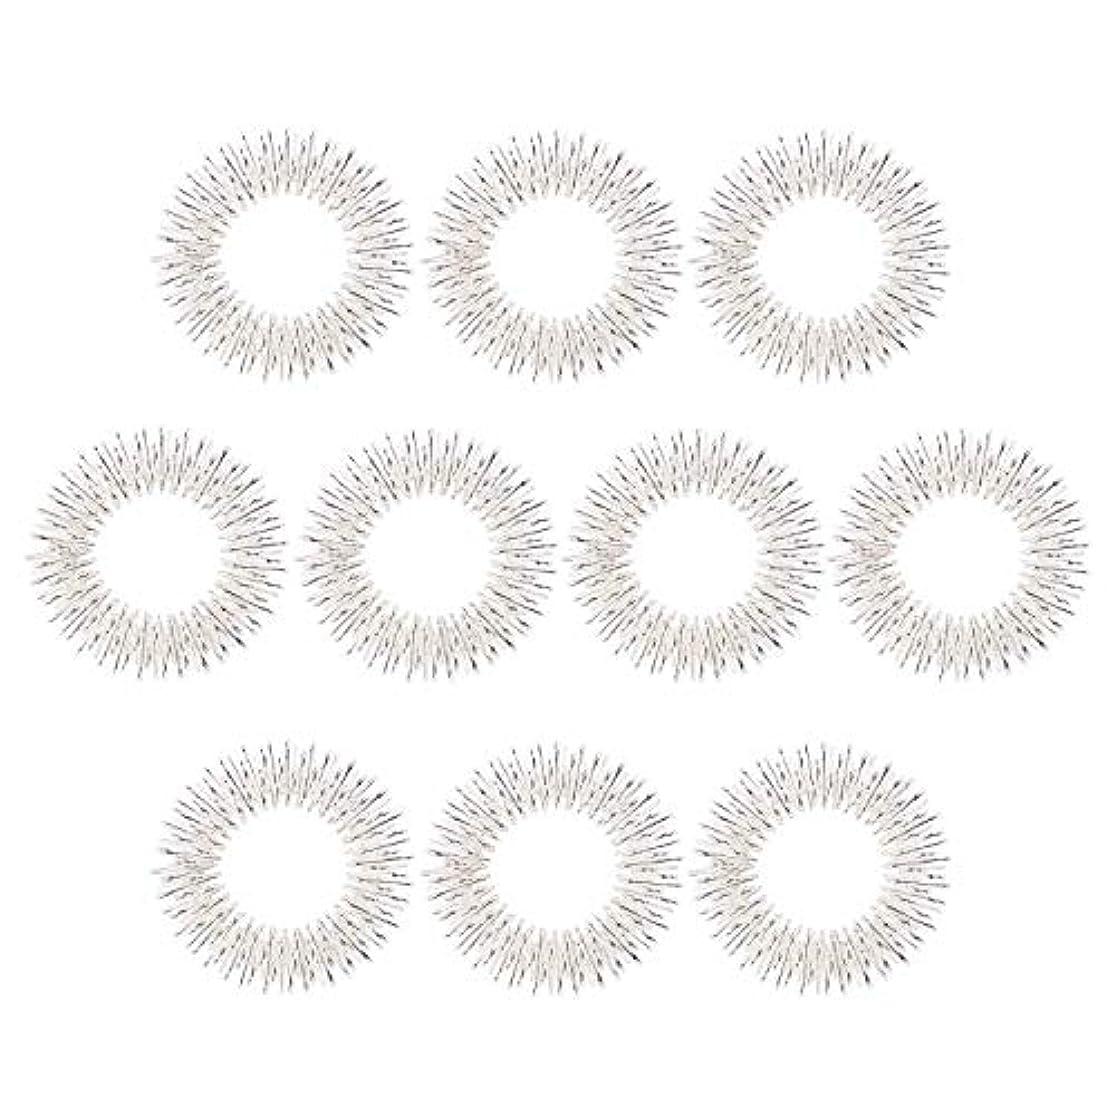 マッサージリング 10個入り 指マッサージ リング 鍼リング ヘルス ケア 疼痛 治療 (10枚 シルバー)